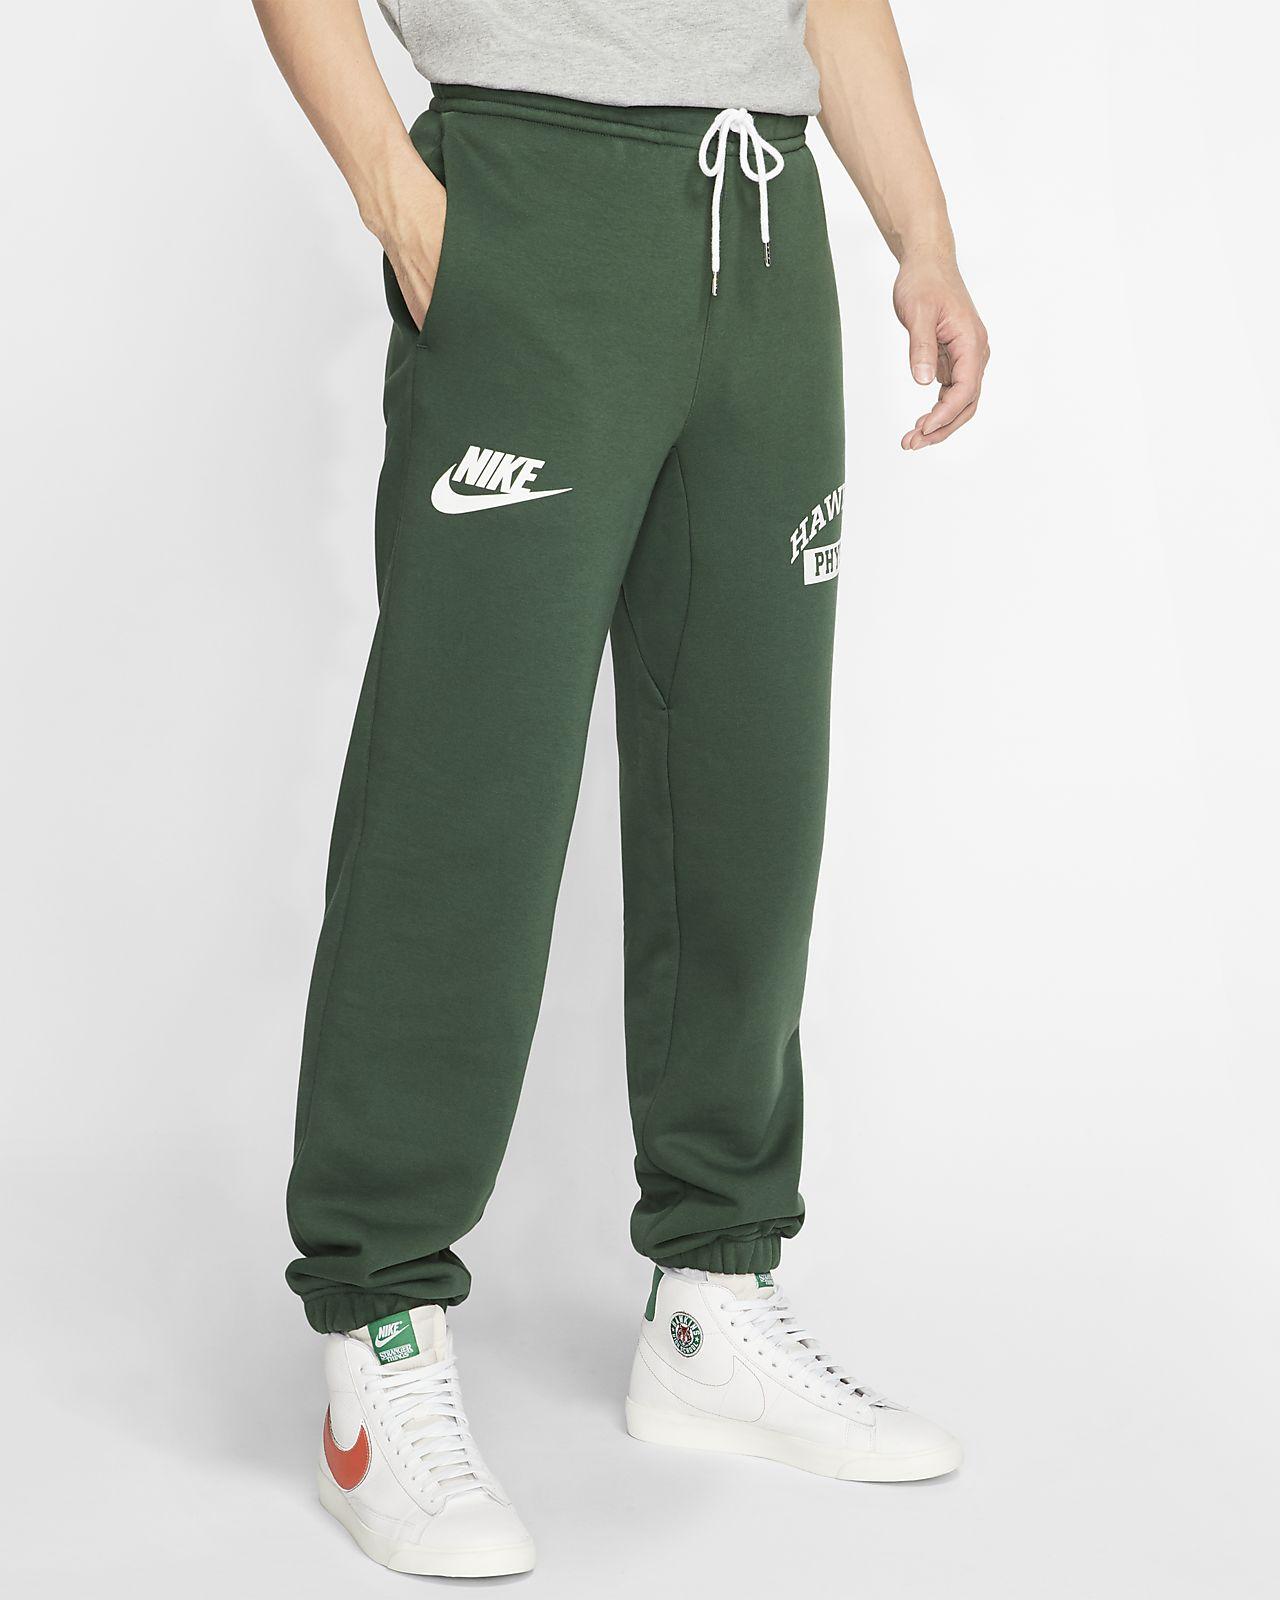 Calças de lã cardada Nike x Stranger Things para homem